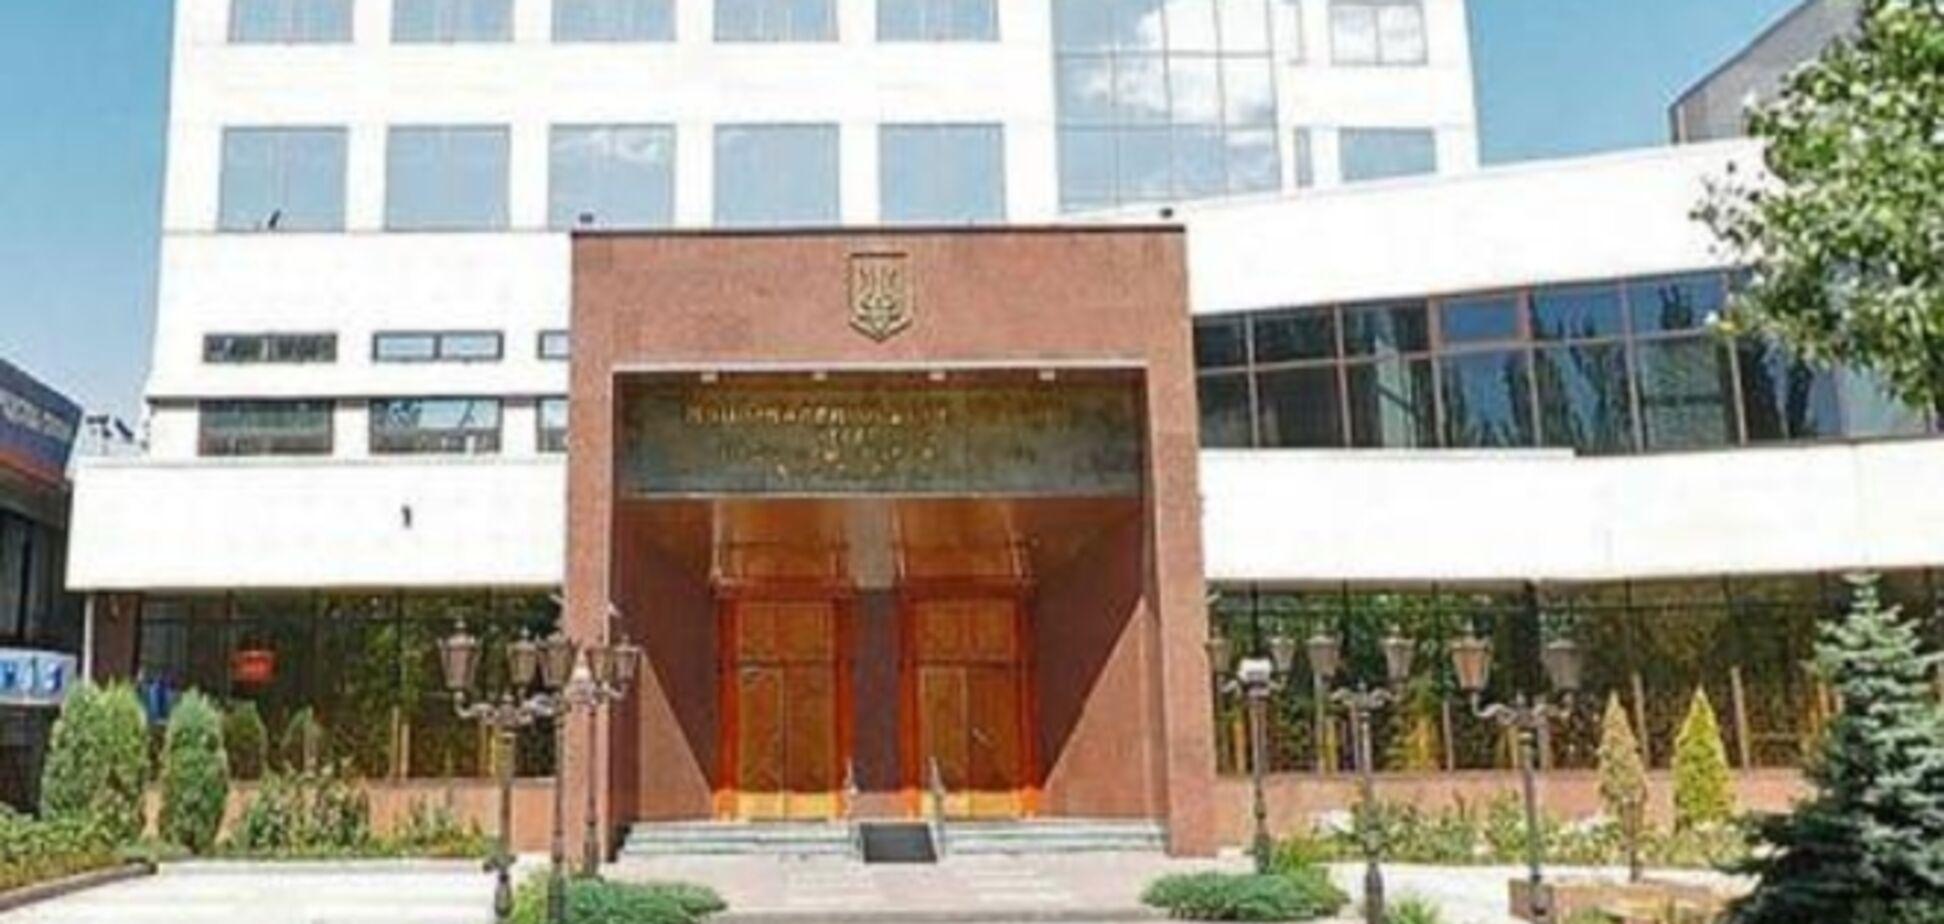 Террористы освободили НБУ и казначейство в Донецке, 17 июня учреждения должны возобновить работу